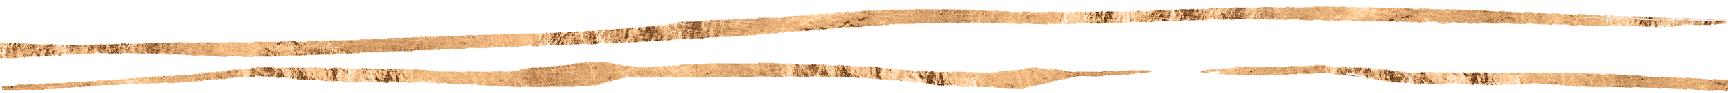 Two decorative copper stripes